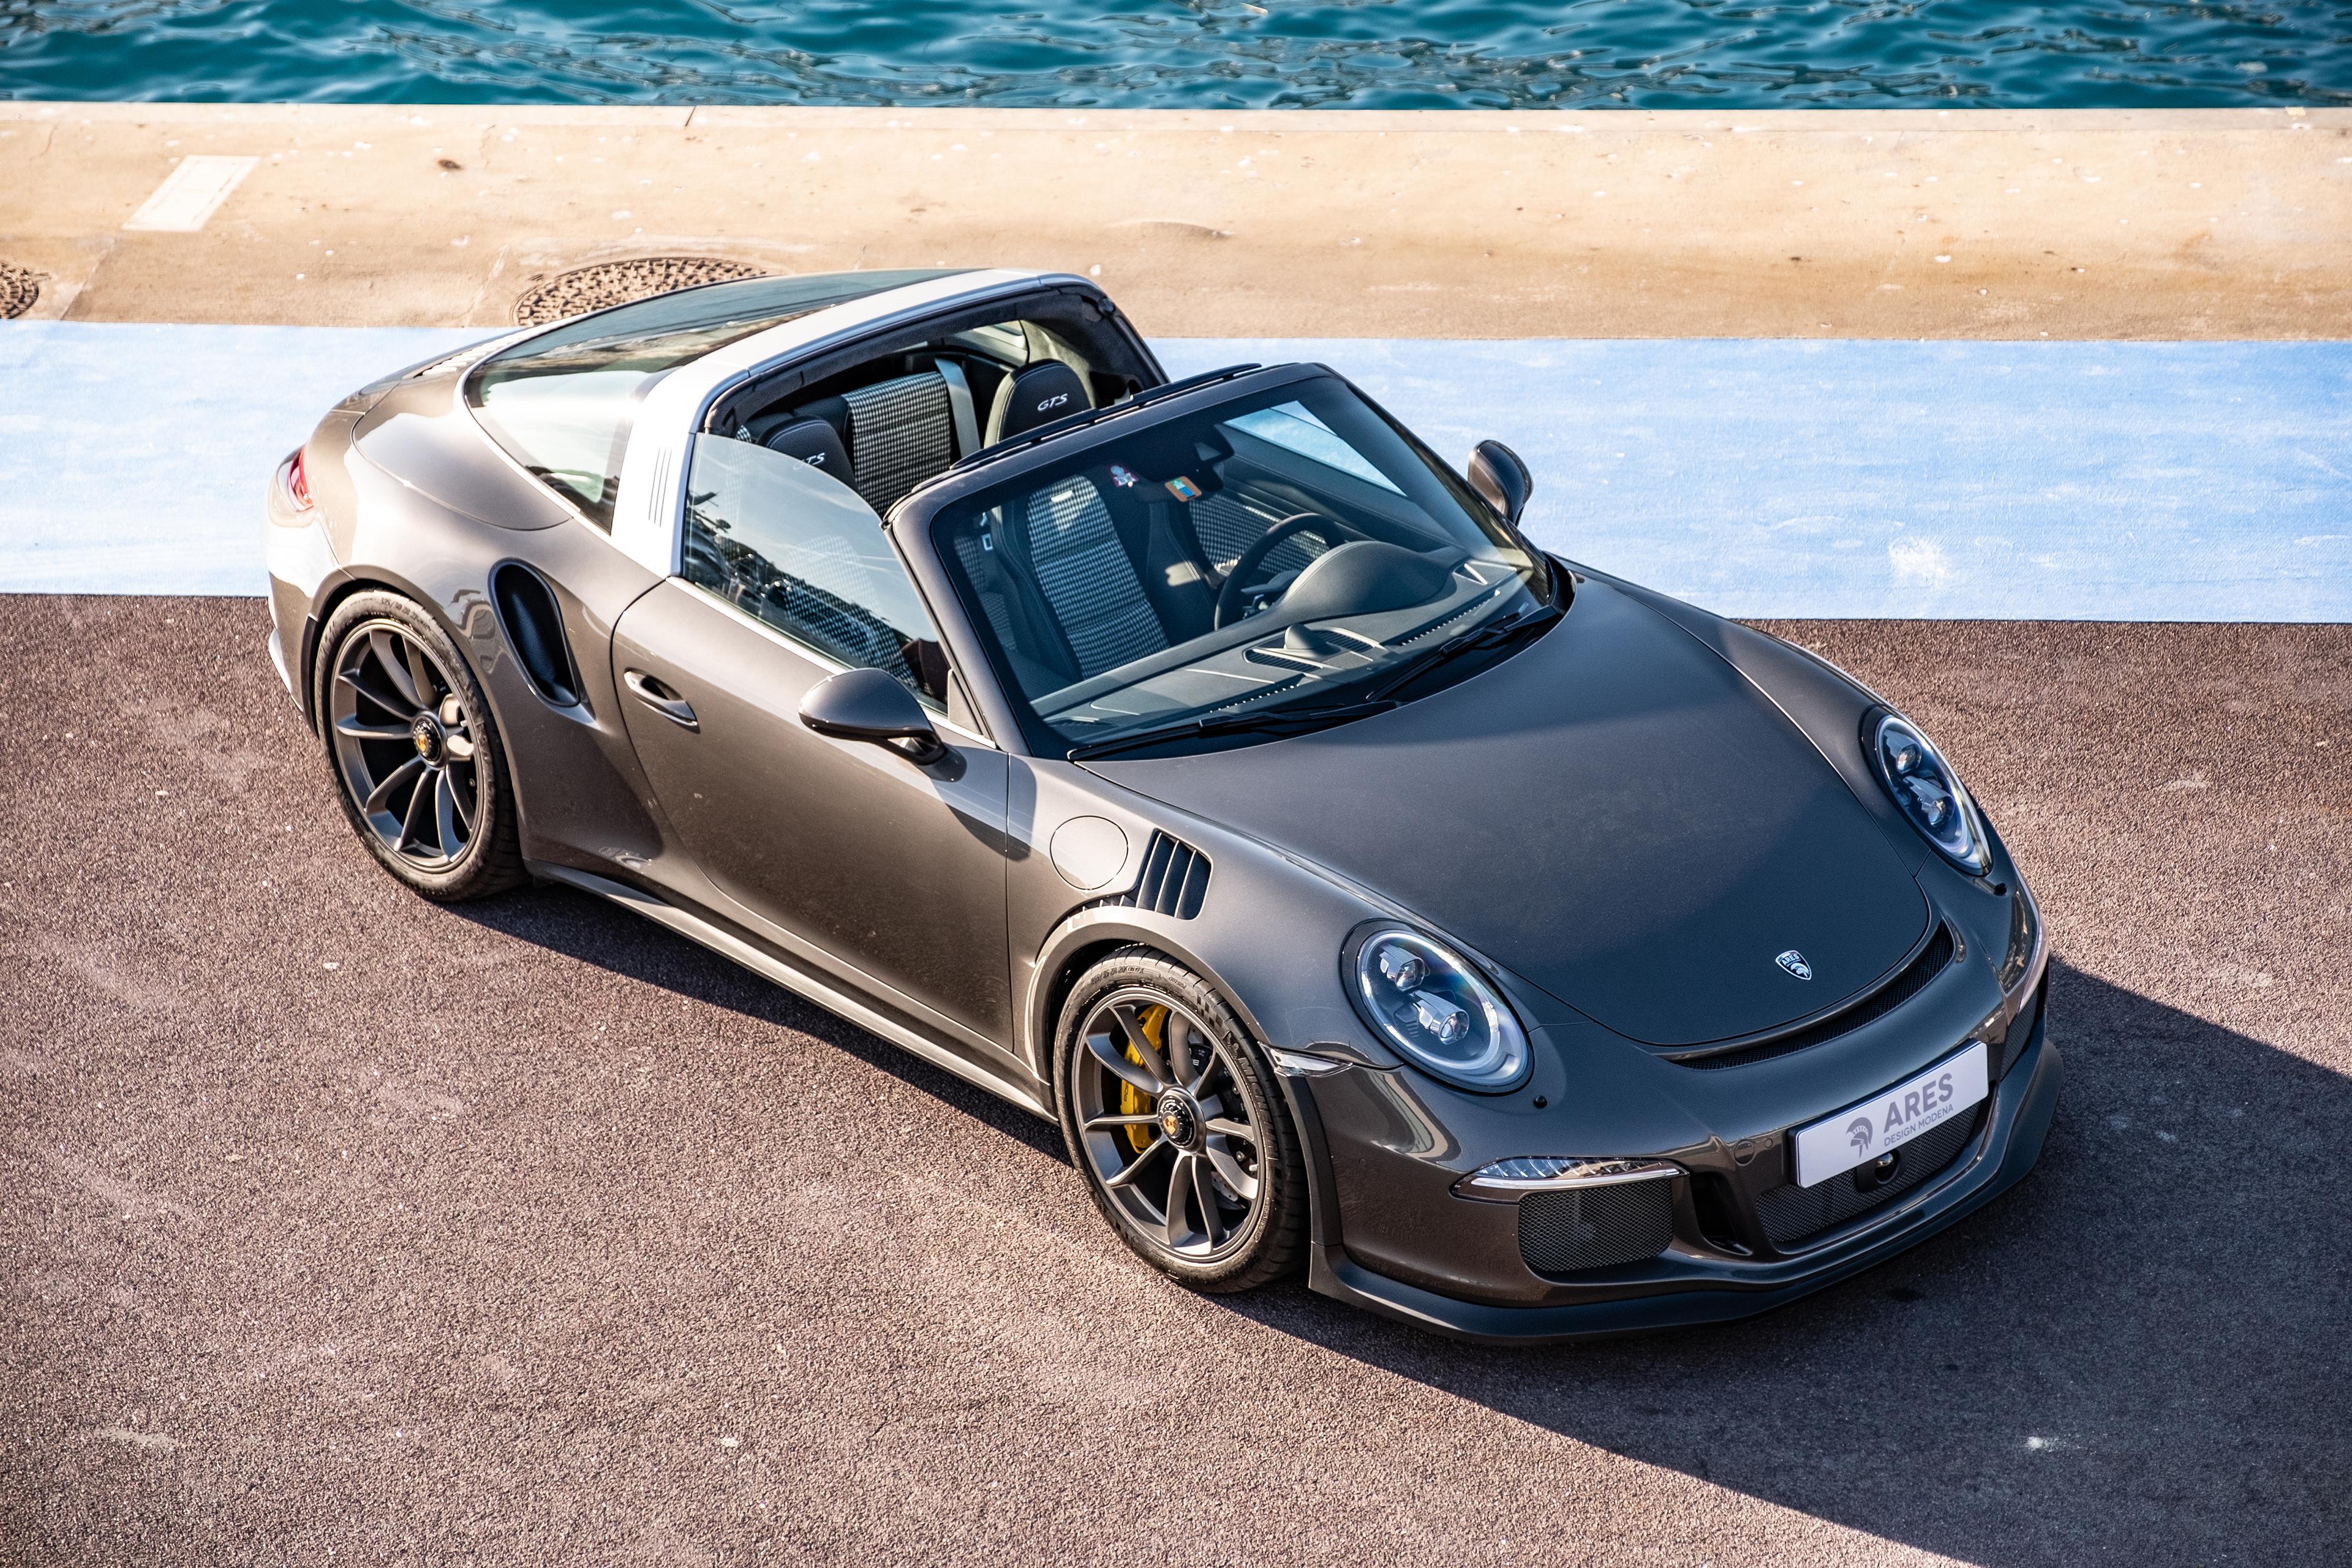 Porsche – GT3 Targa Ares Design